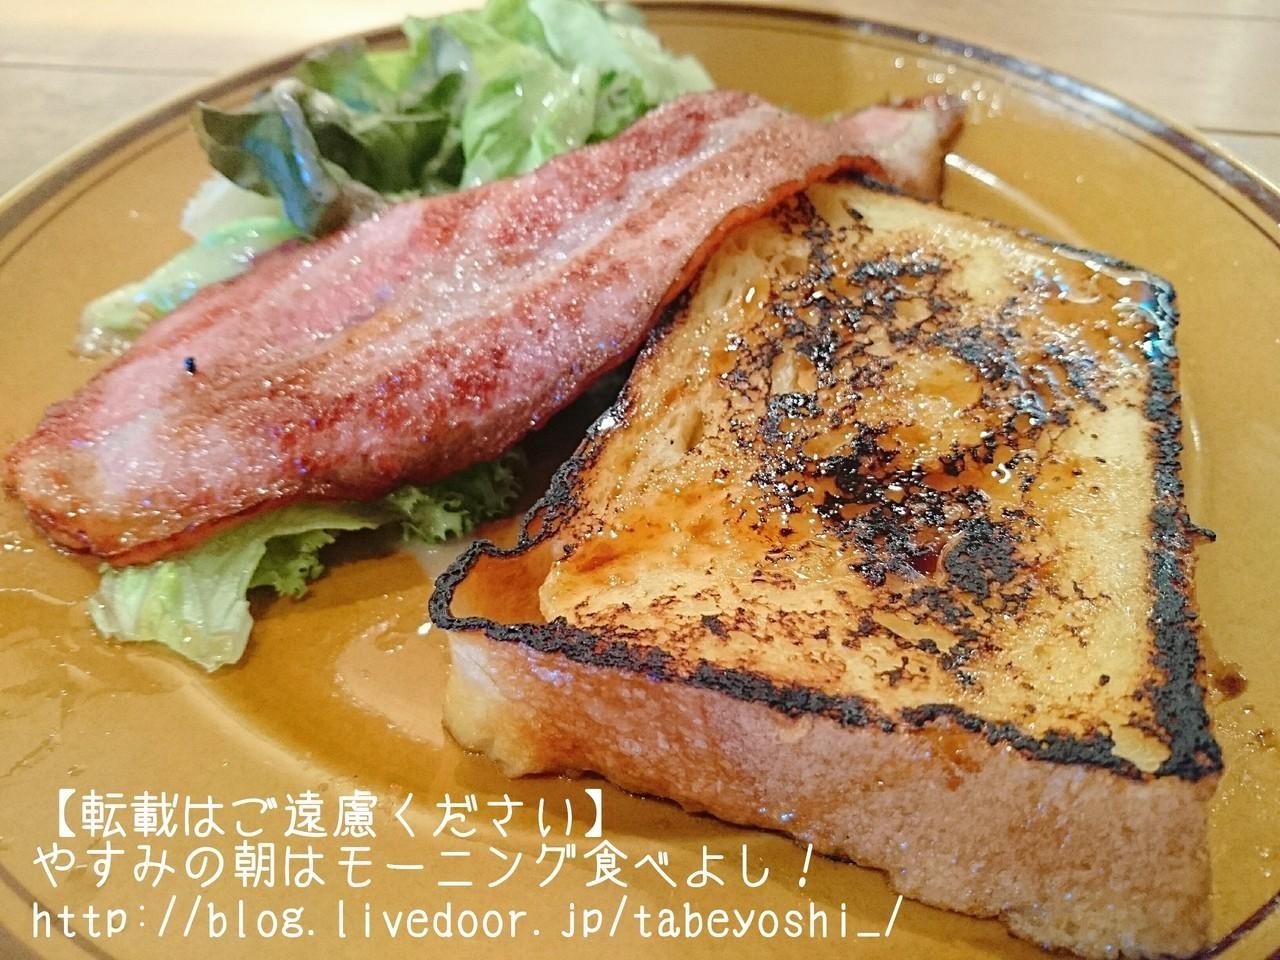 在GRAND FRONT大阪的『THE CITY BAKERY』裡享受法國吐司早餐!